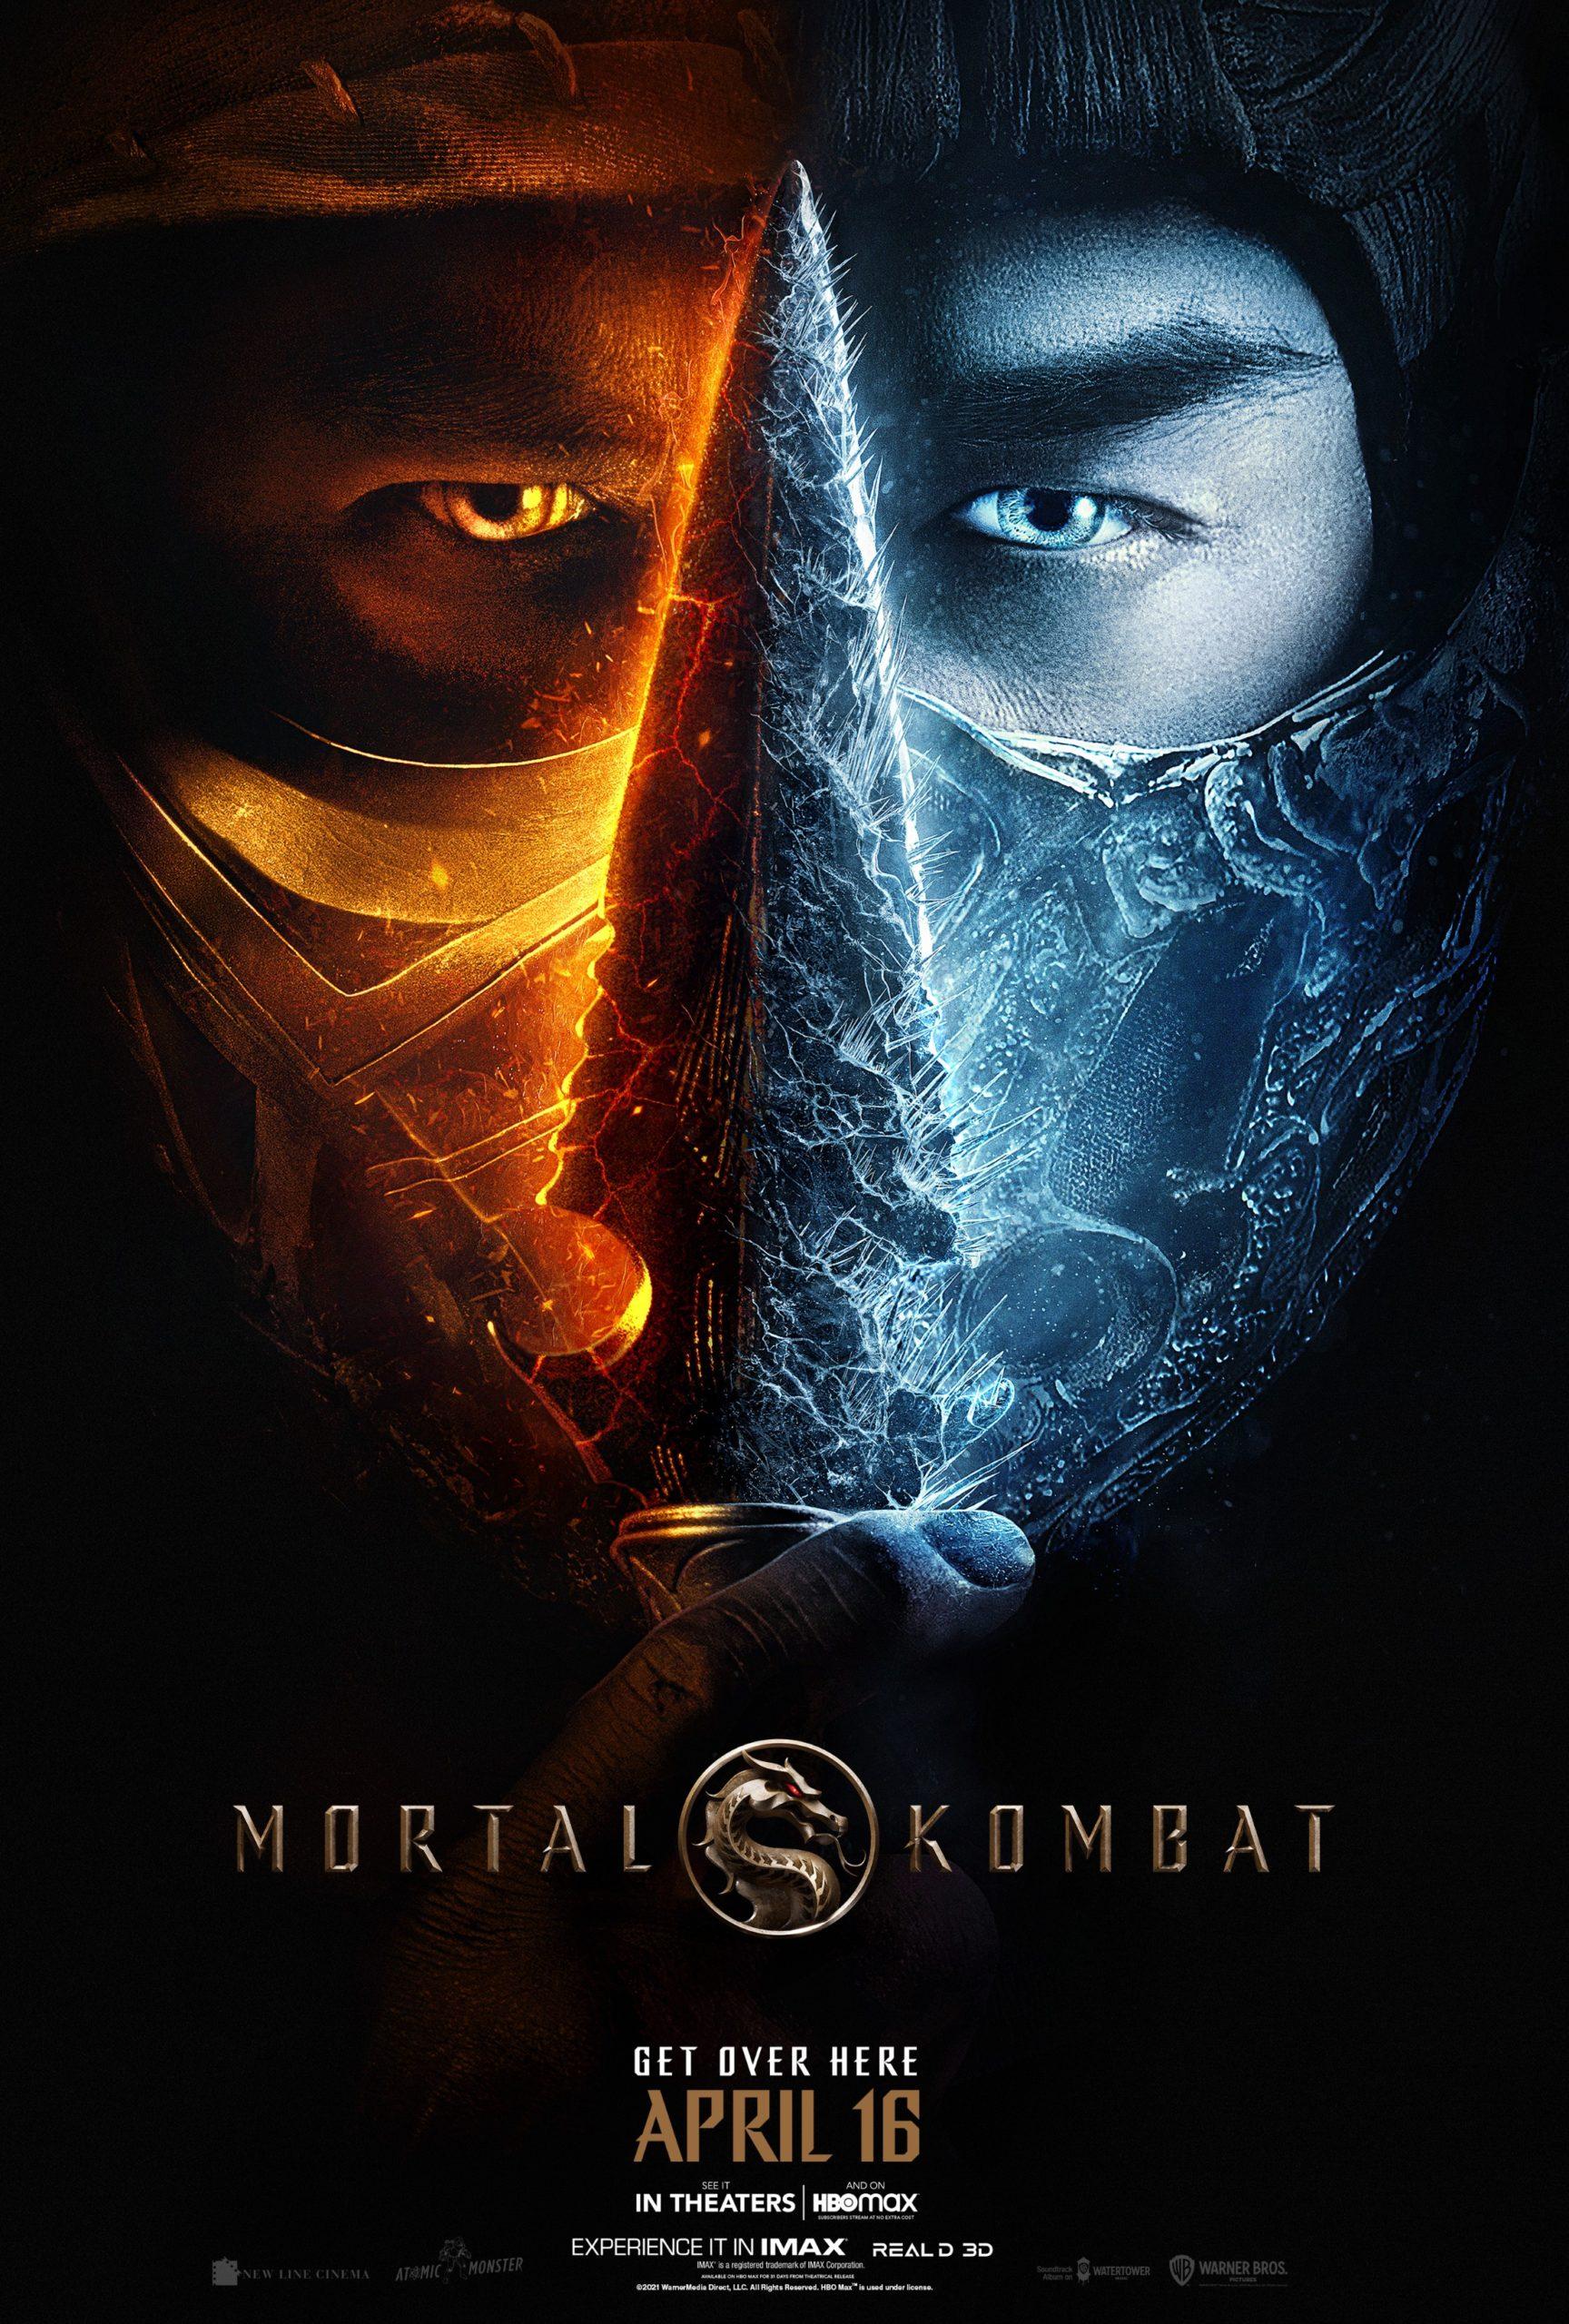 Mortal Kombat, WB